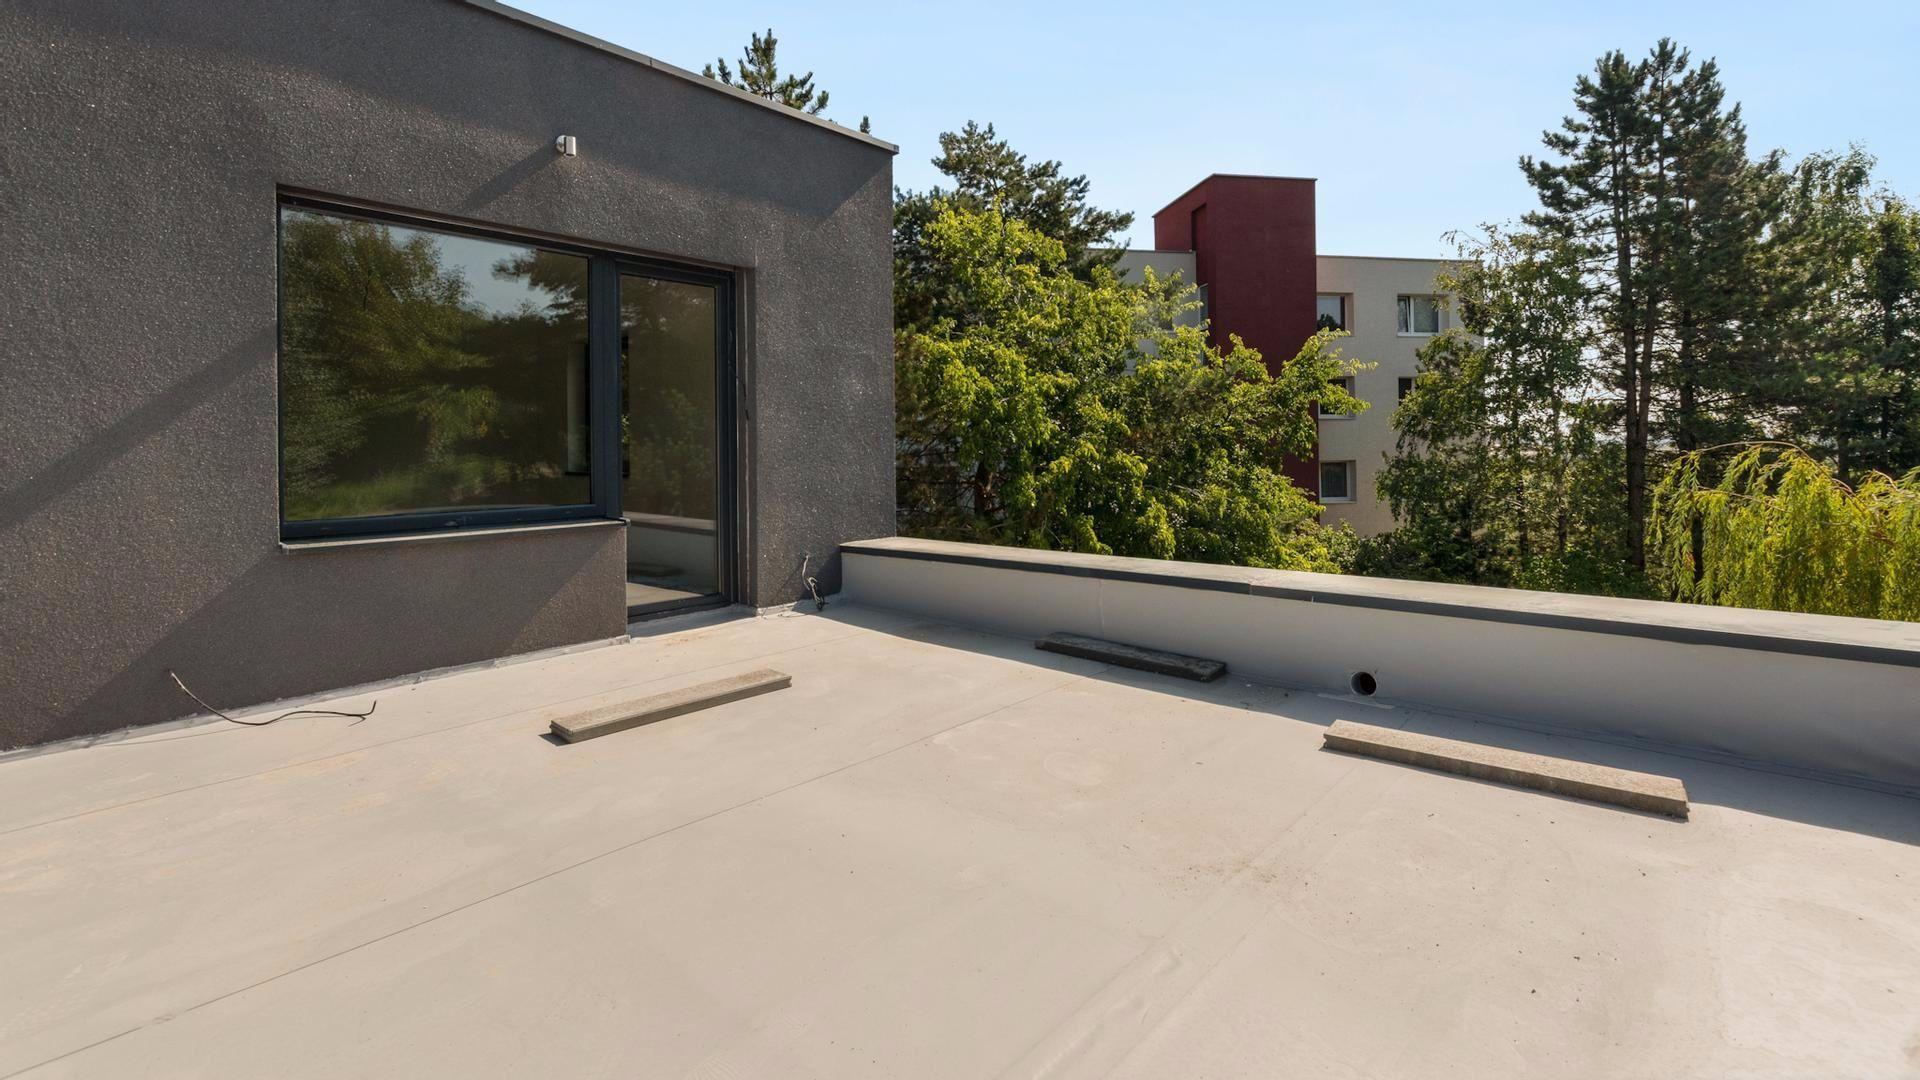 Dvojizbový byt s terasou a predzáhradkou pri lesíku